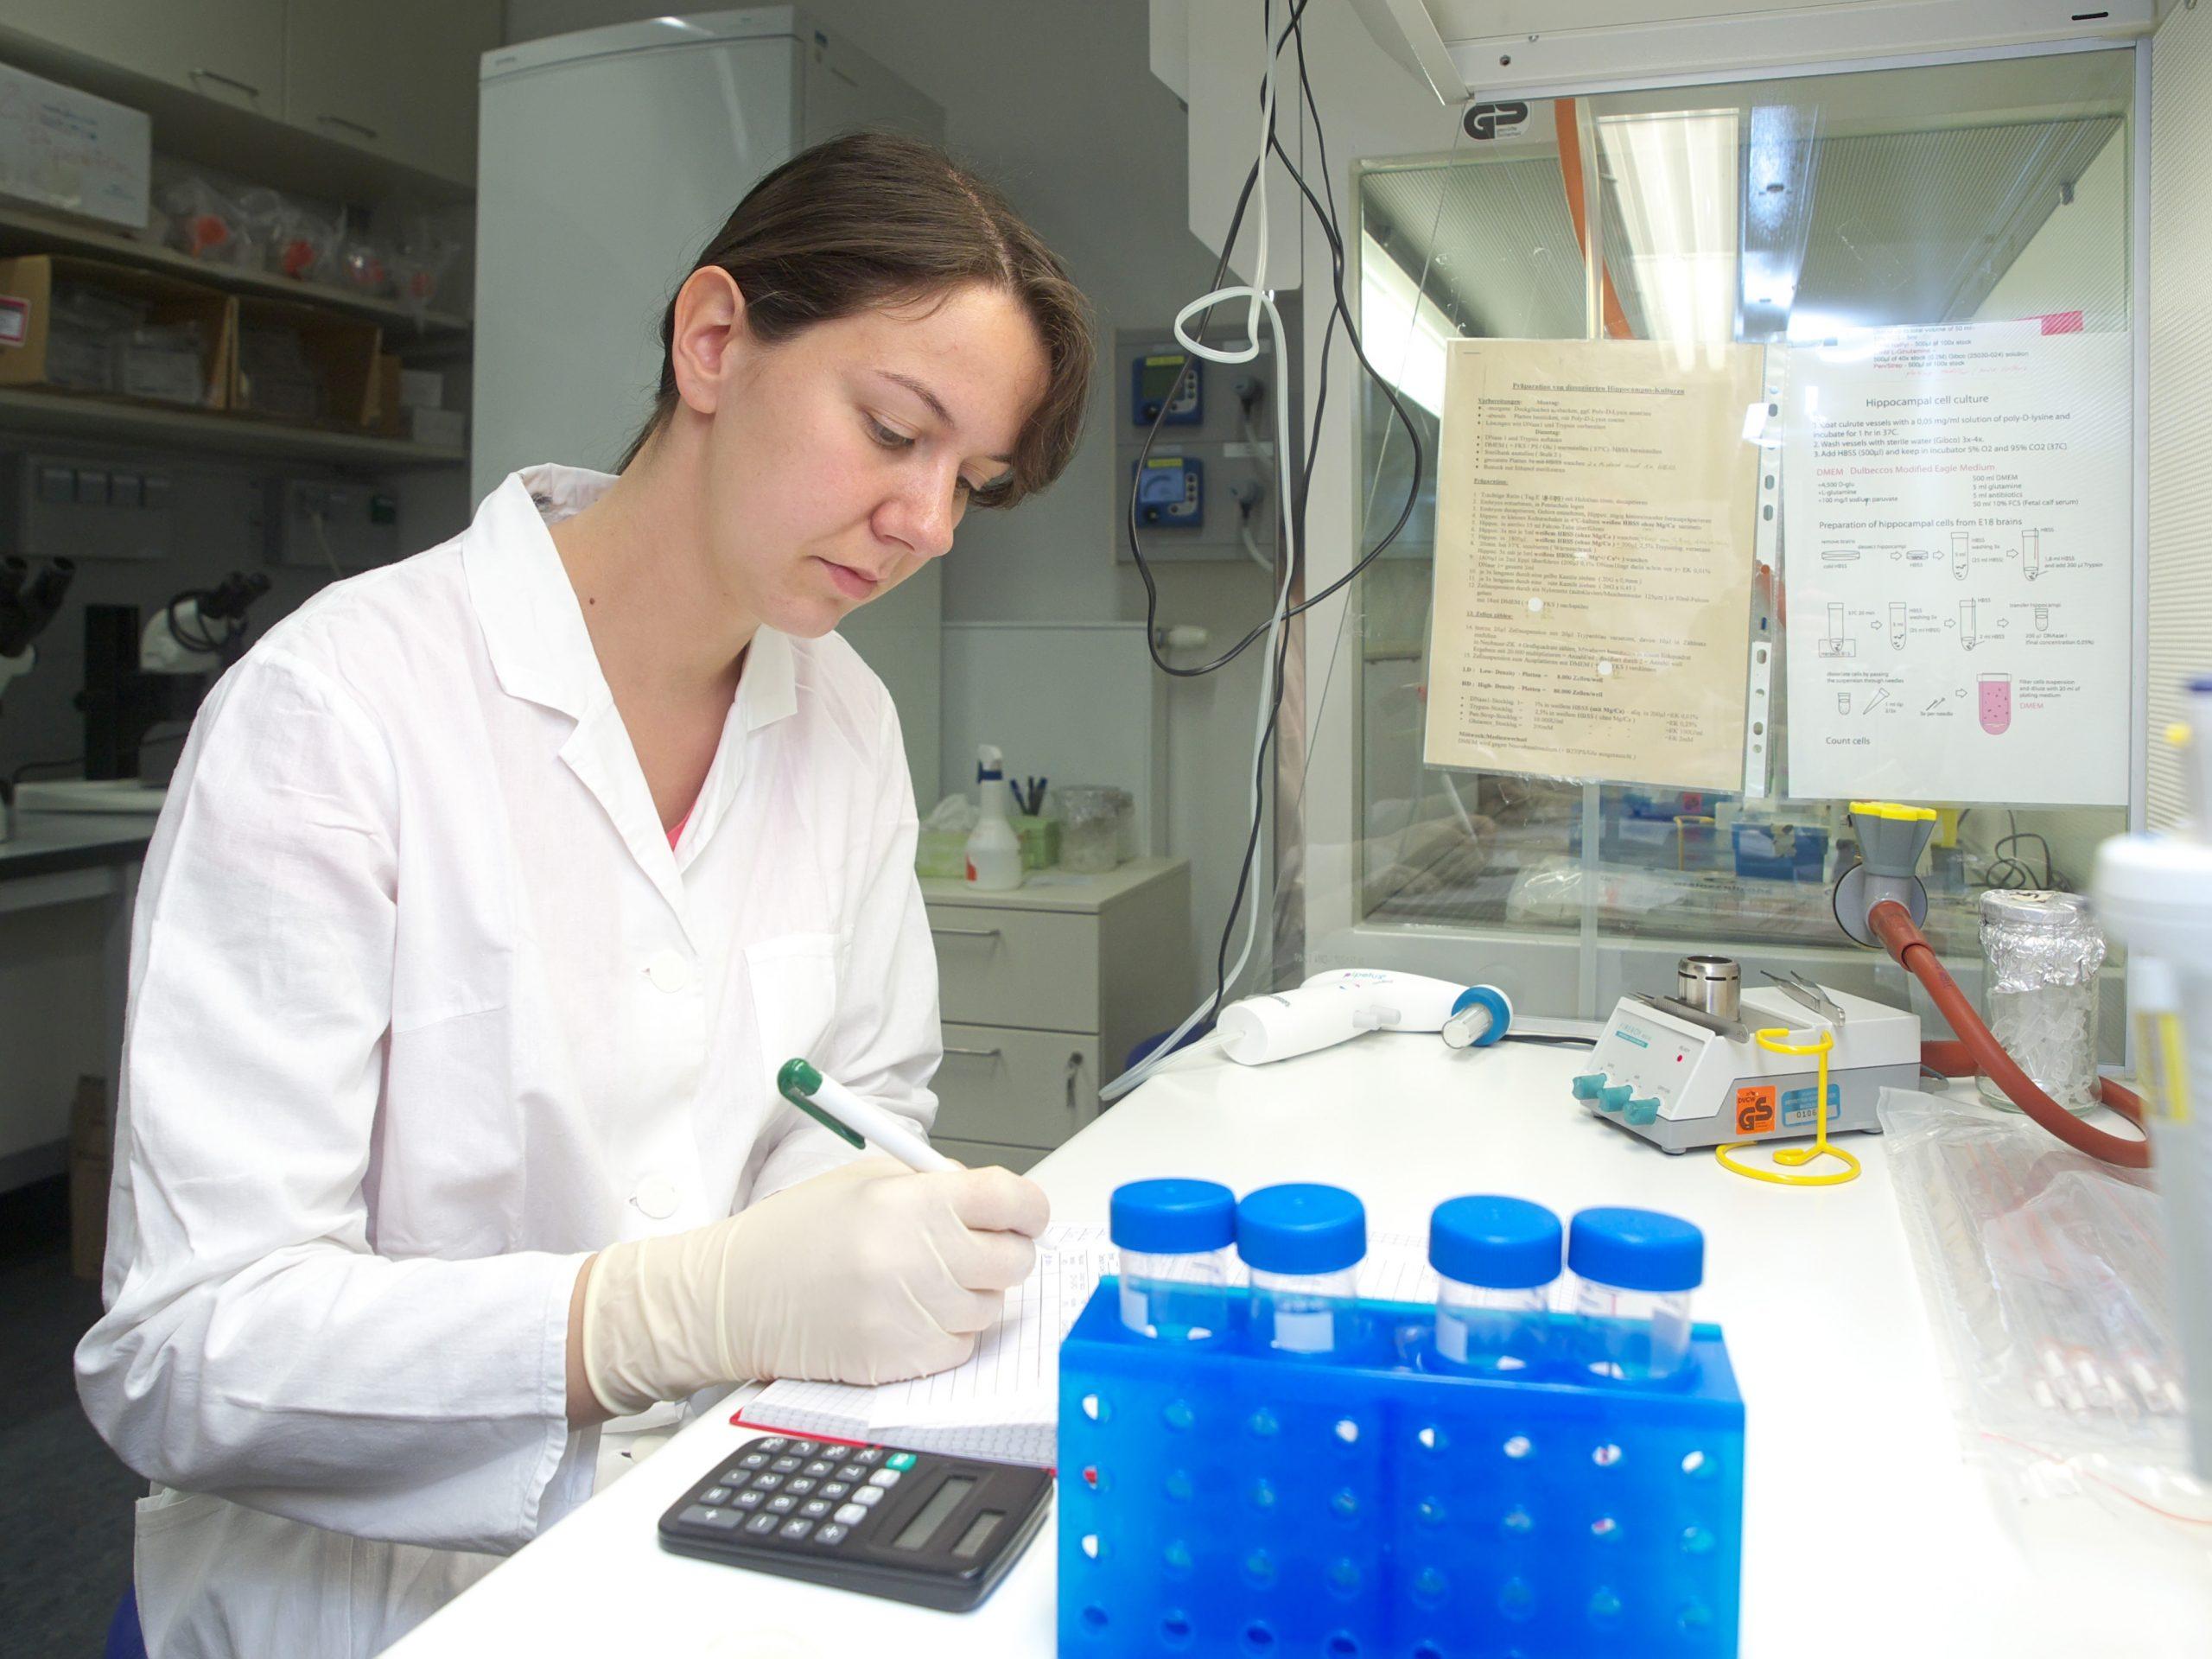 Eine Forscherin im Labor dokumentiert Ergebnisse; Genehmigungsverfahren